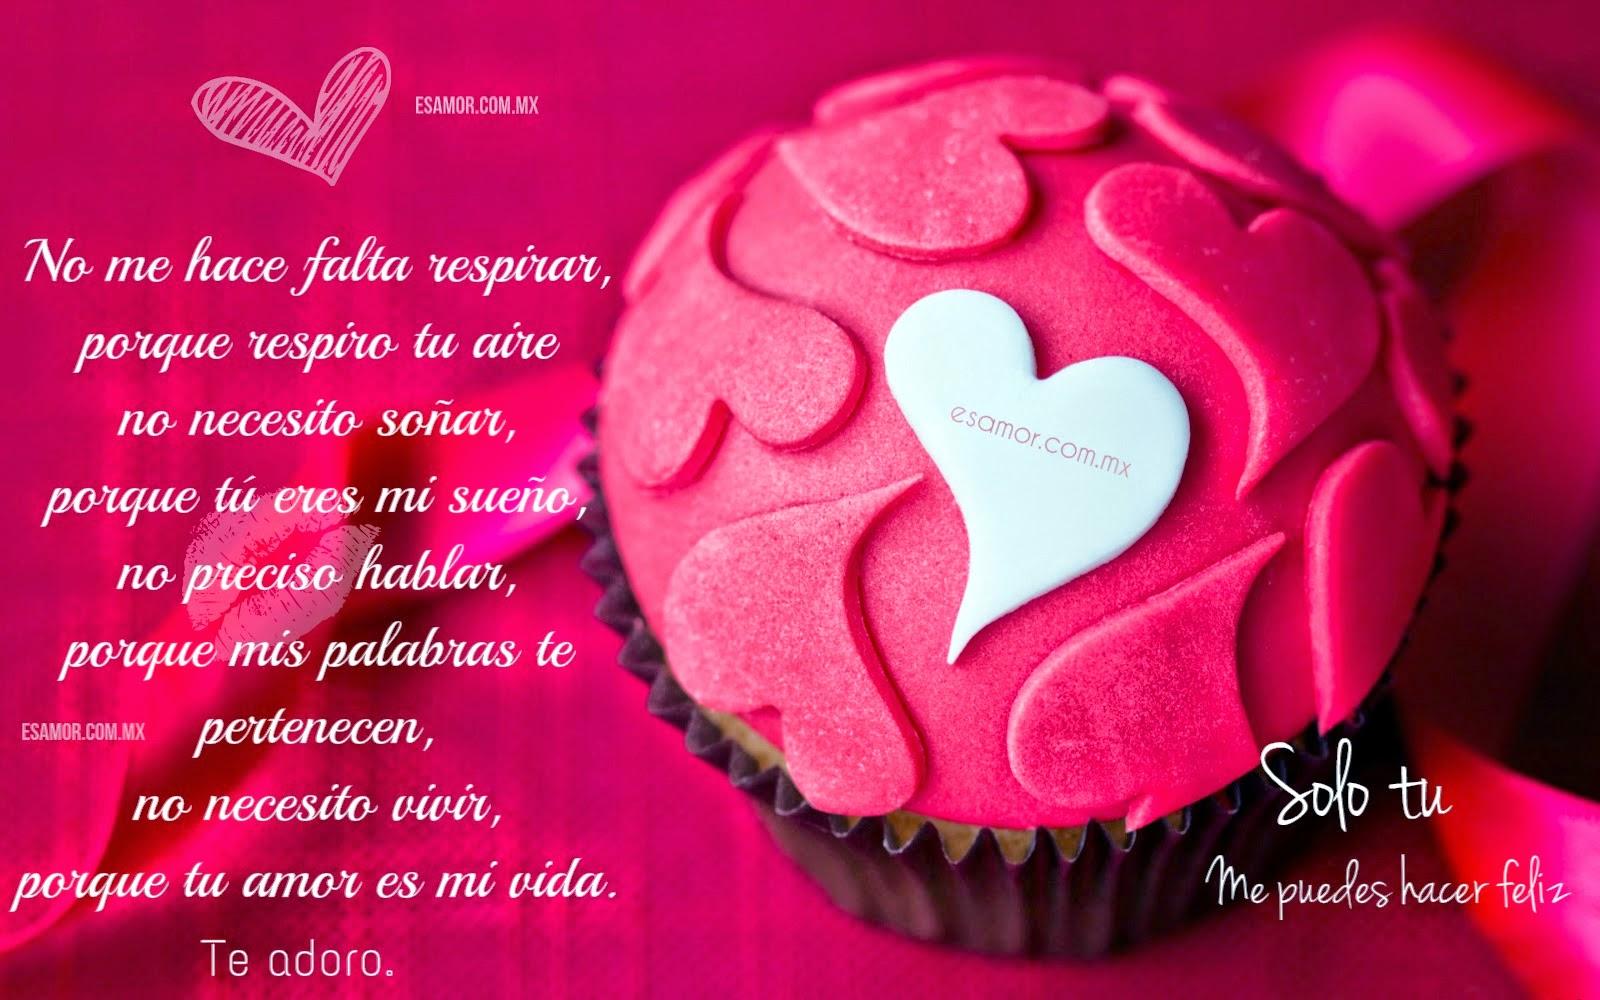 Imagenes Con Versos De Amor Para Dedicar A Tu Pareja Imagenes Con